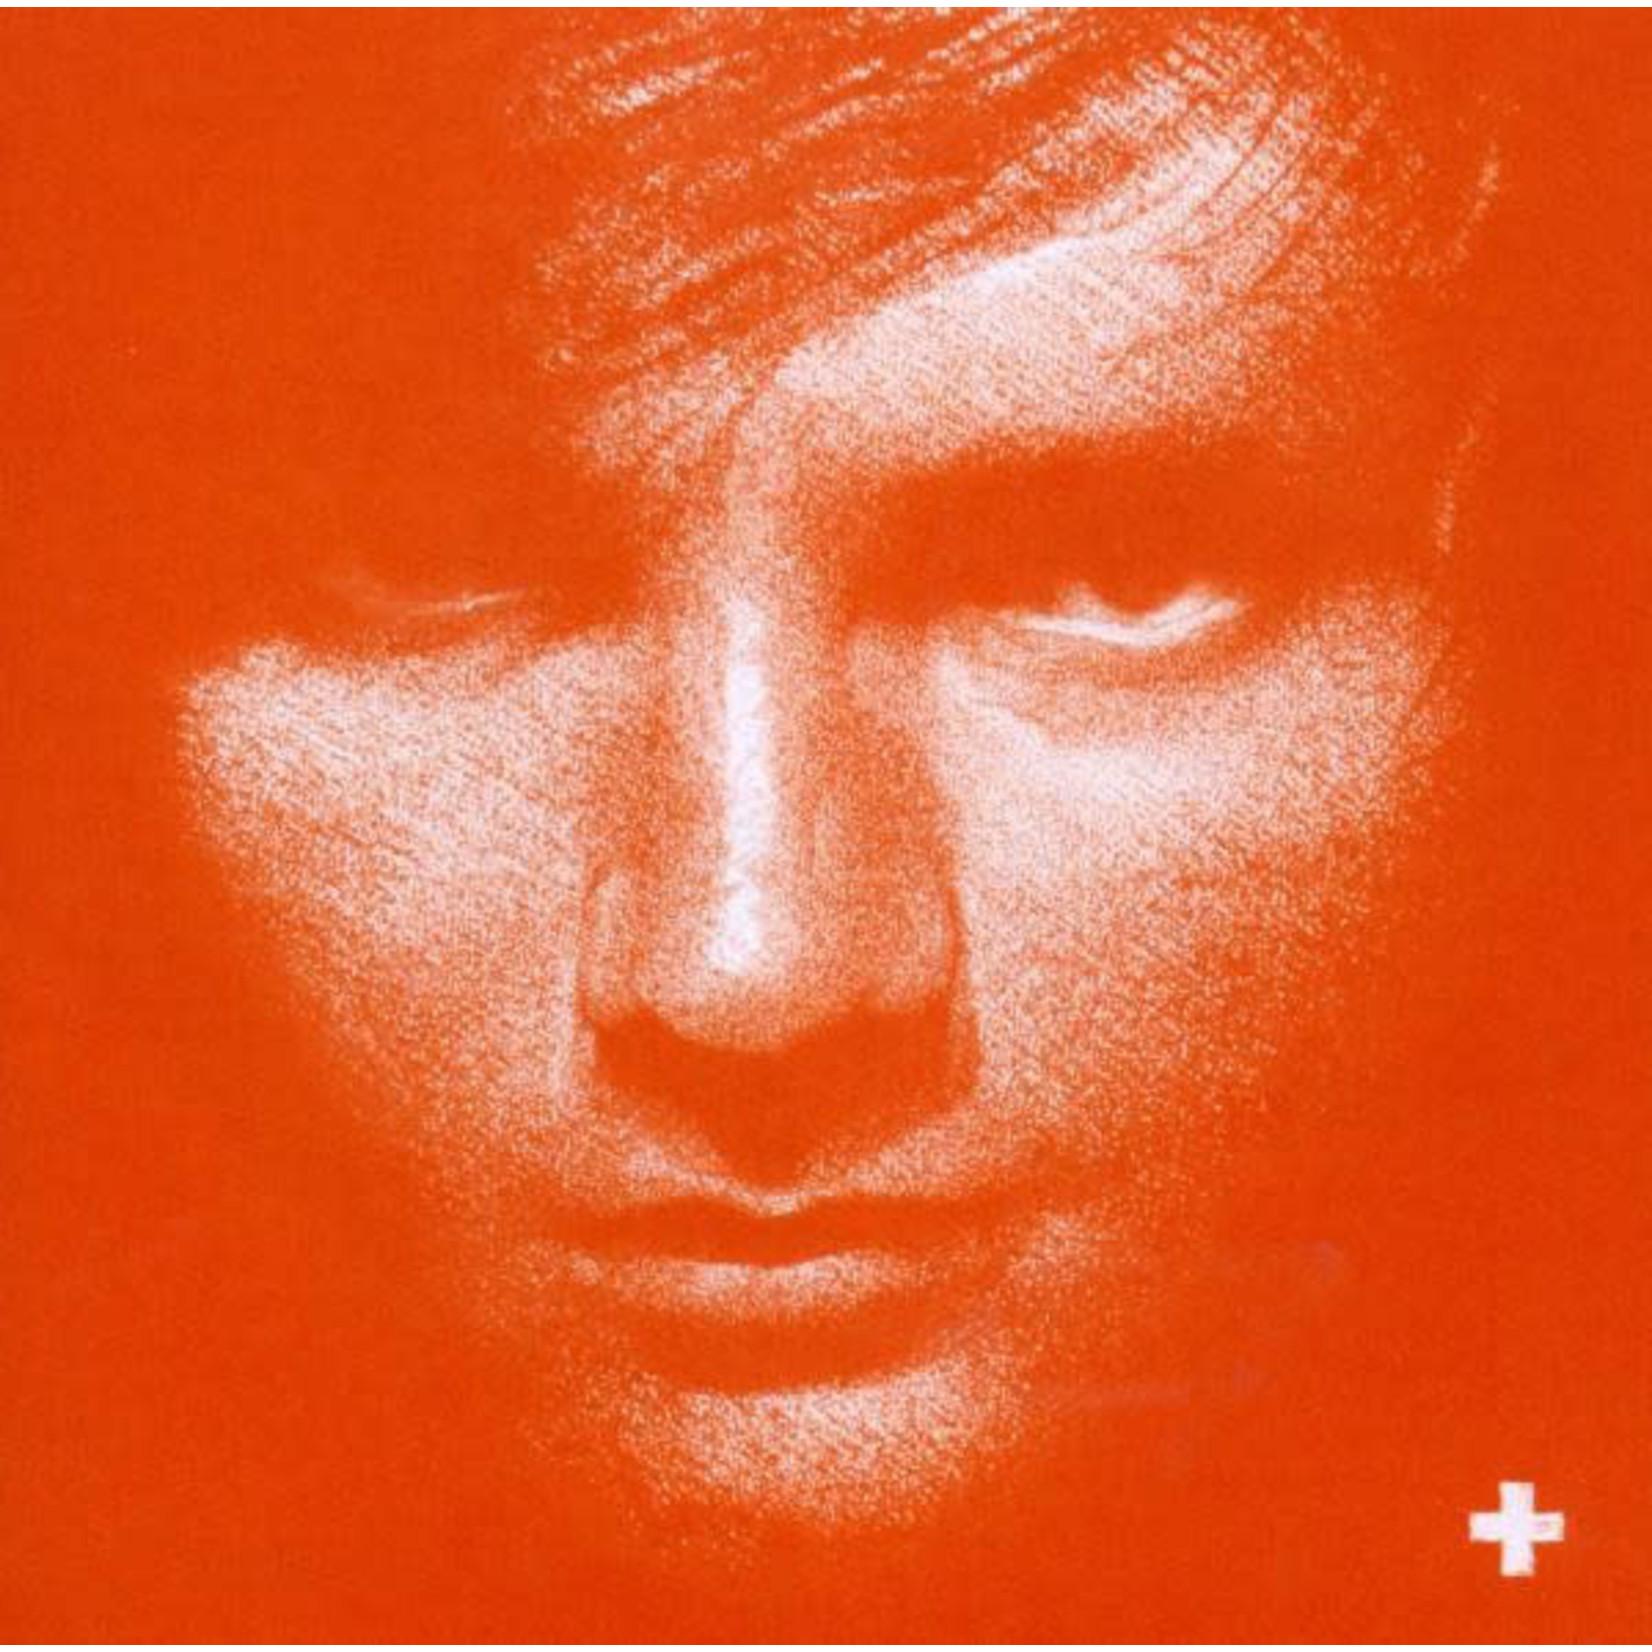 [New] Sheeran, Ed: +